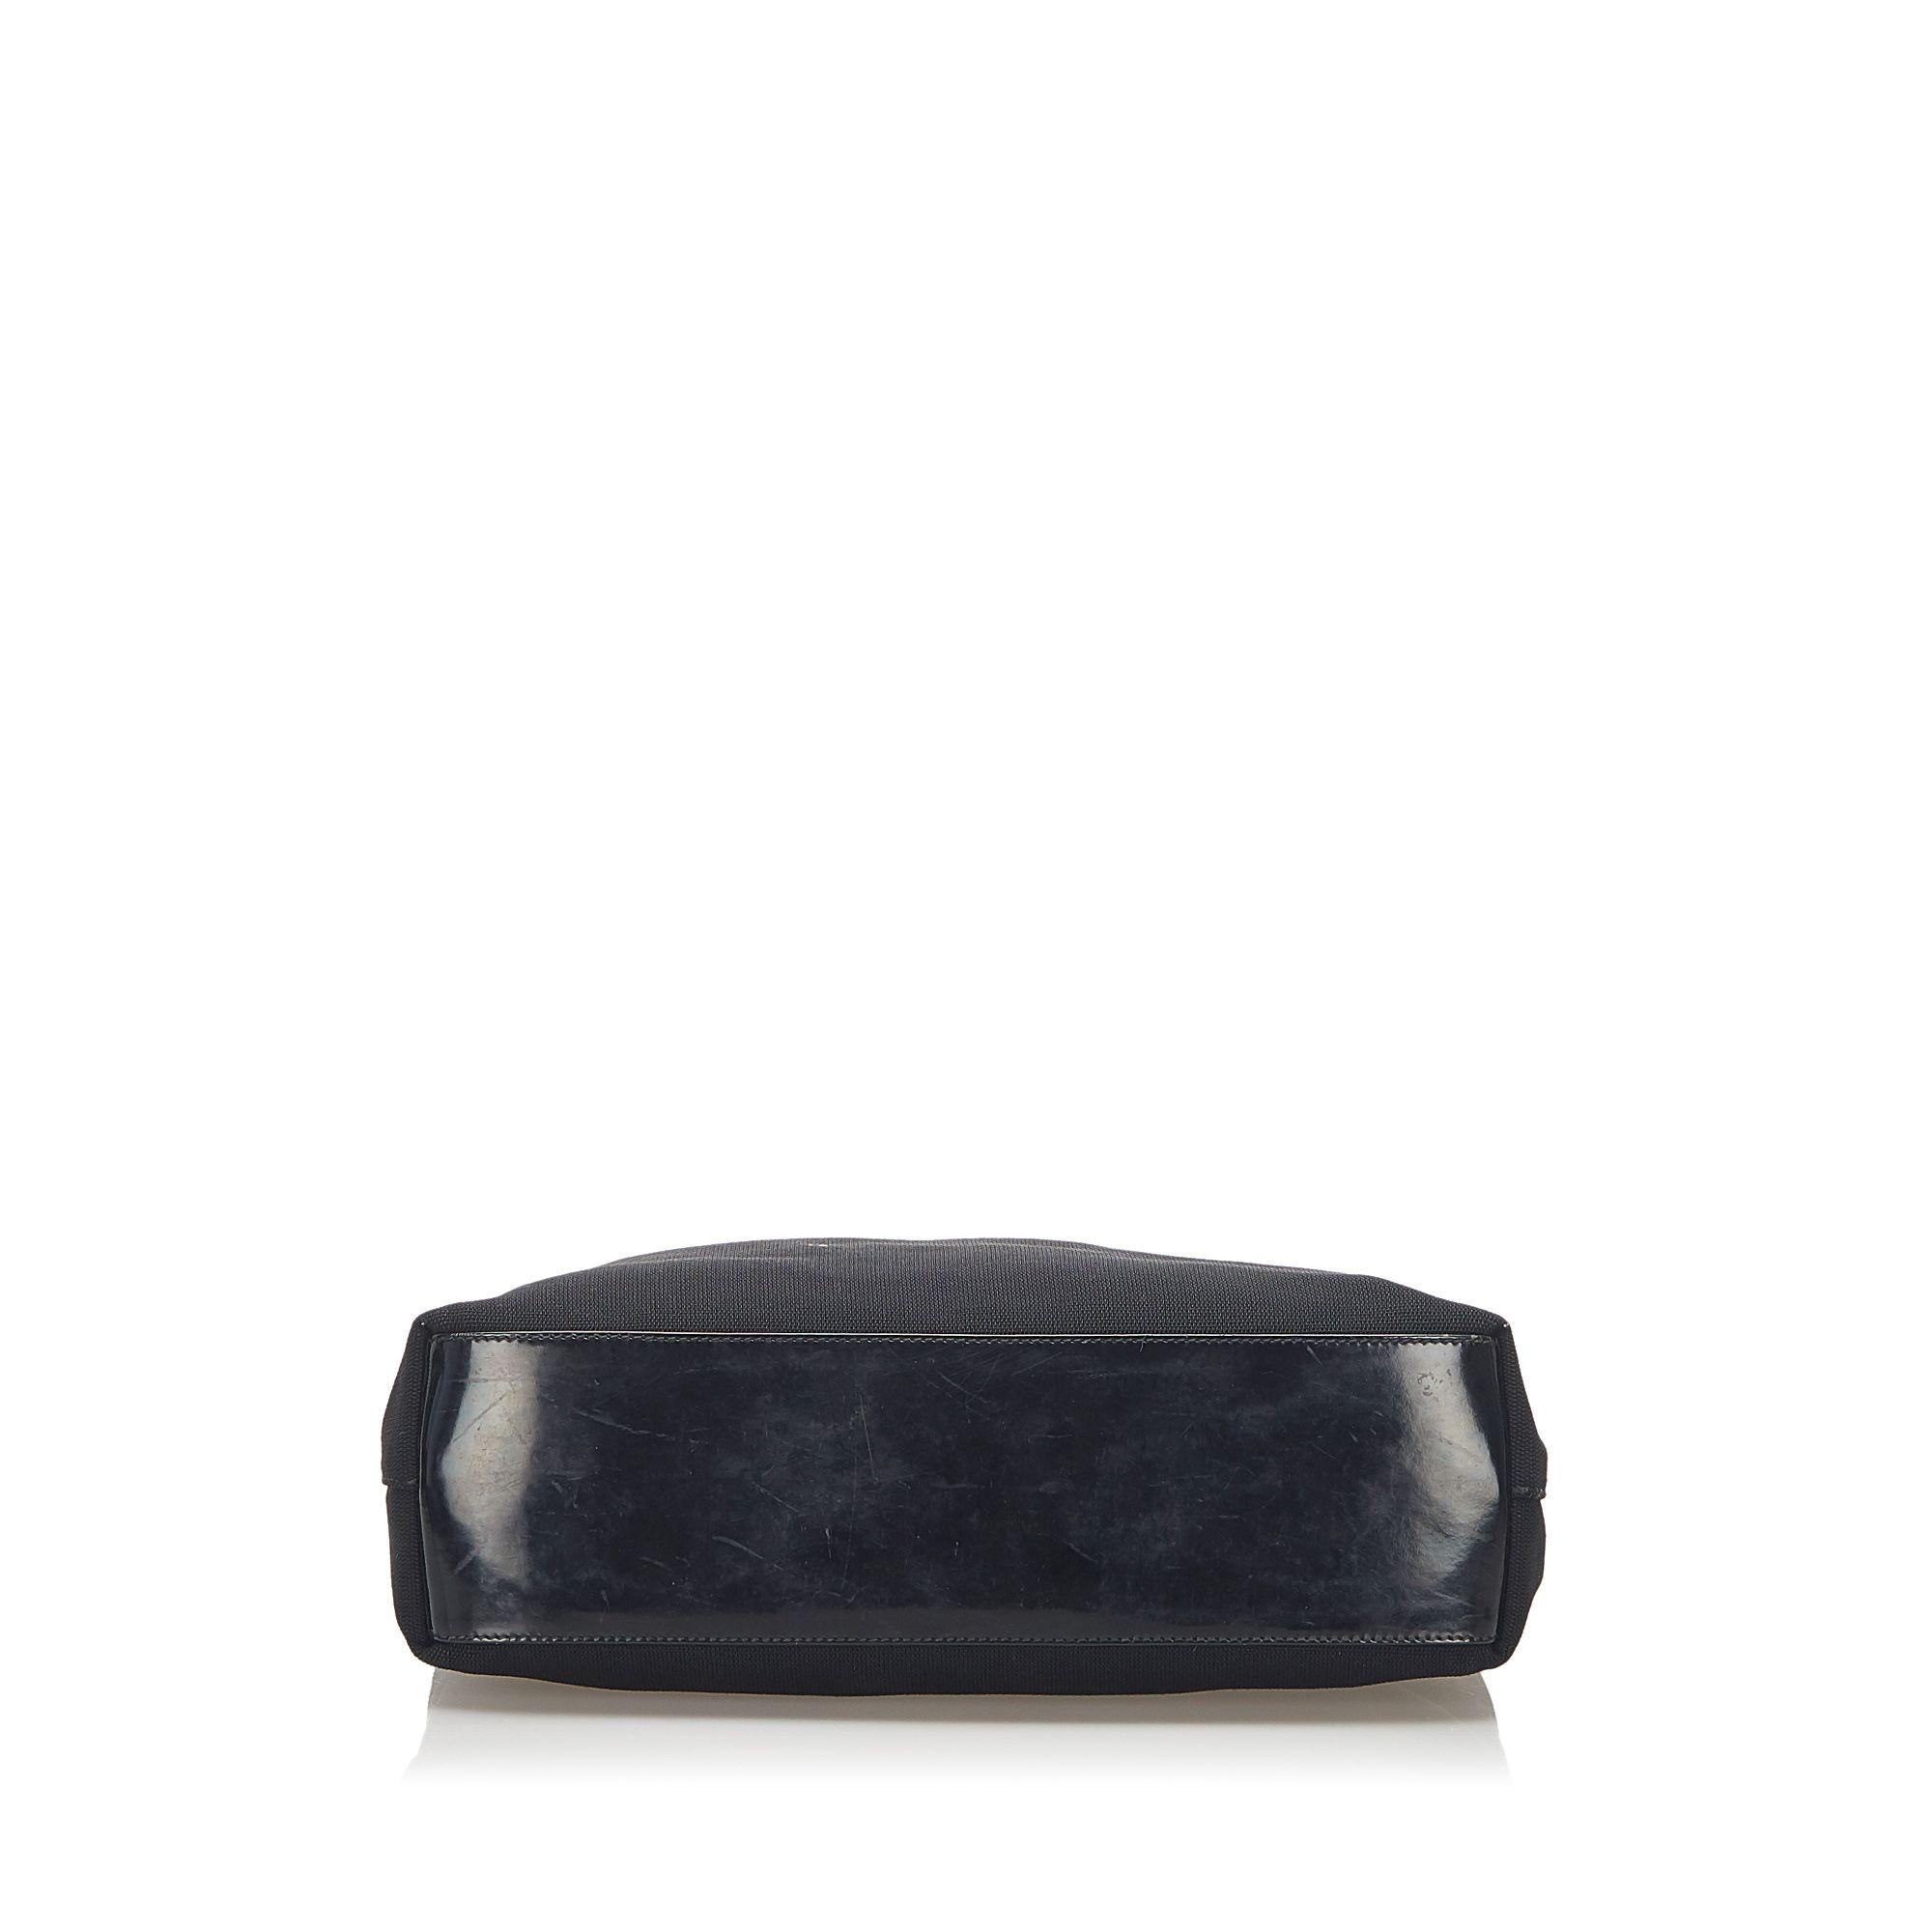 Vintage Gucci Canvas Shoulder Bag Black